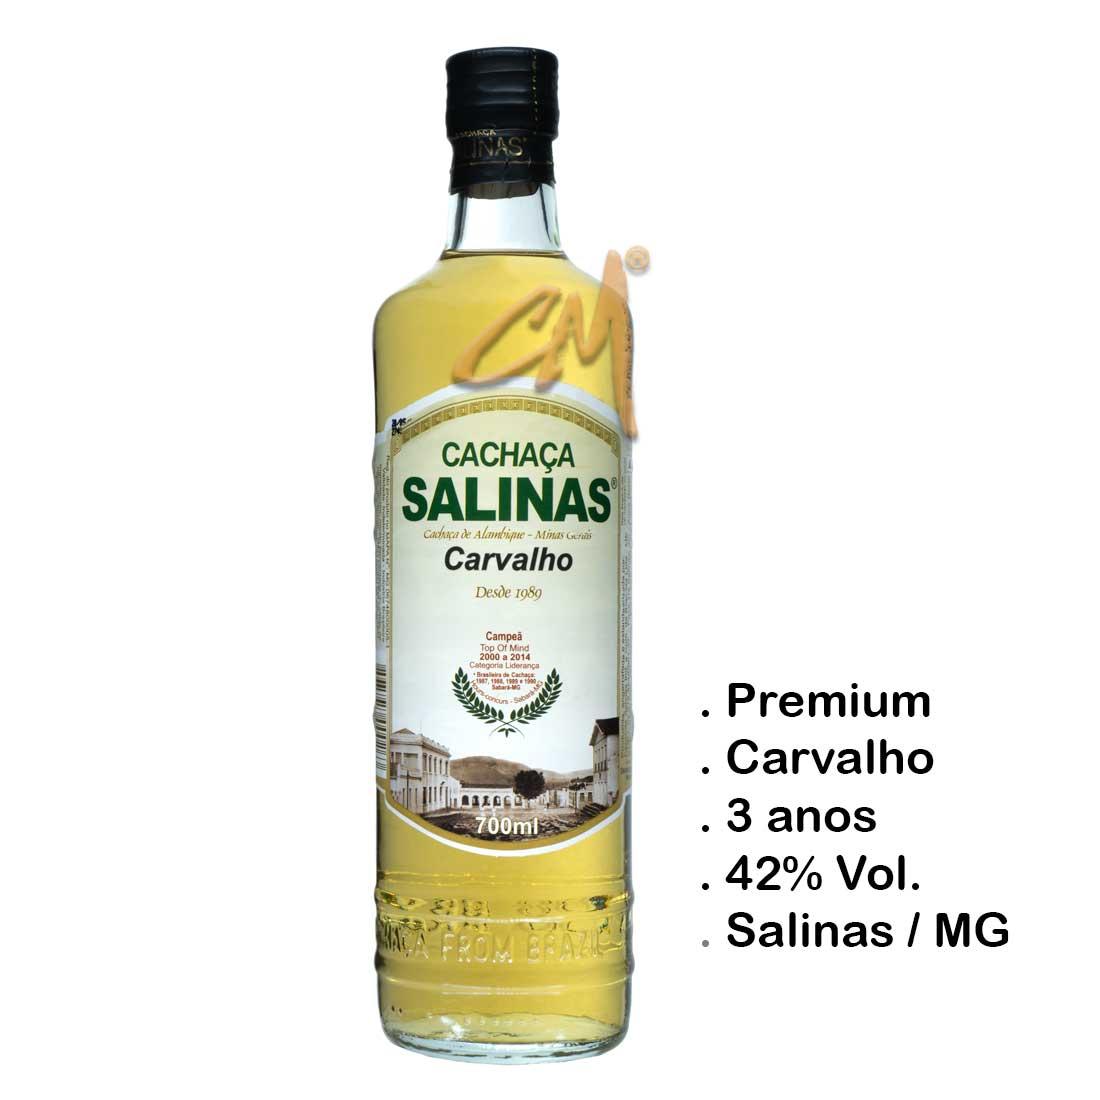 Cachaça Salinas Carvalho 700 ml (Salinas - MG)